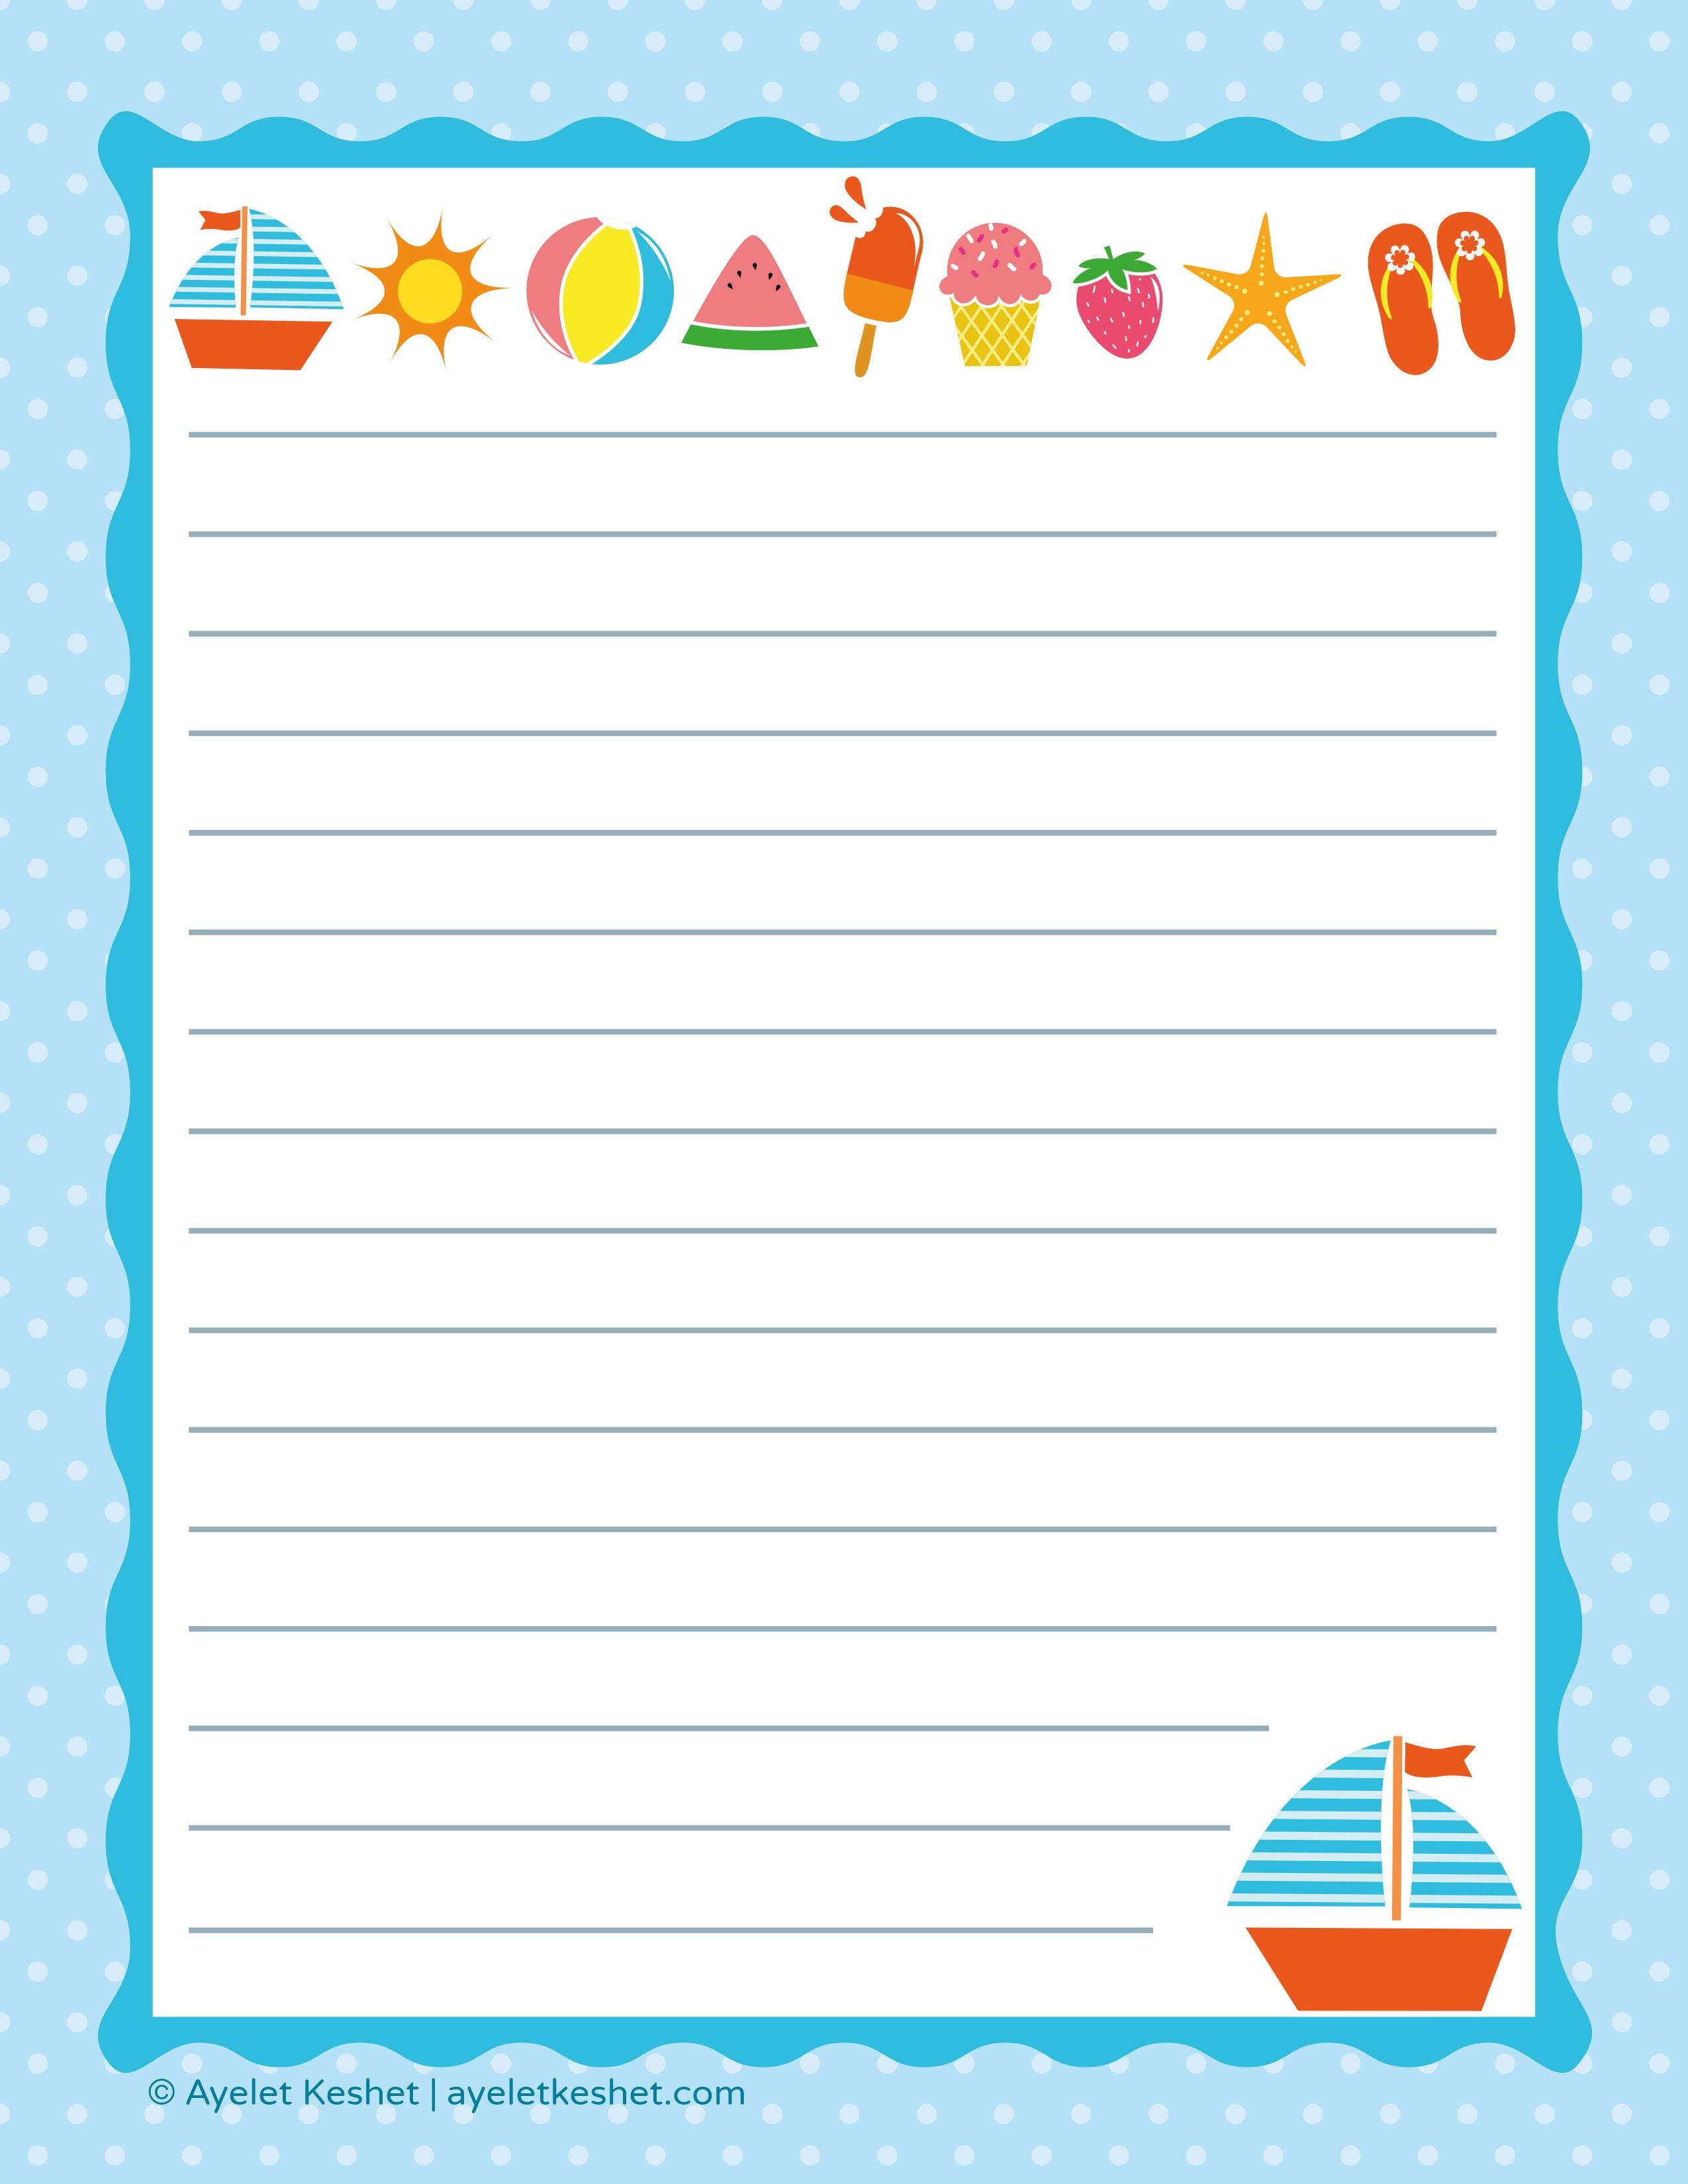 Free Printable Letter Paper - Ayelet Keshet - Free Printable Stationary